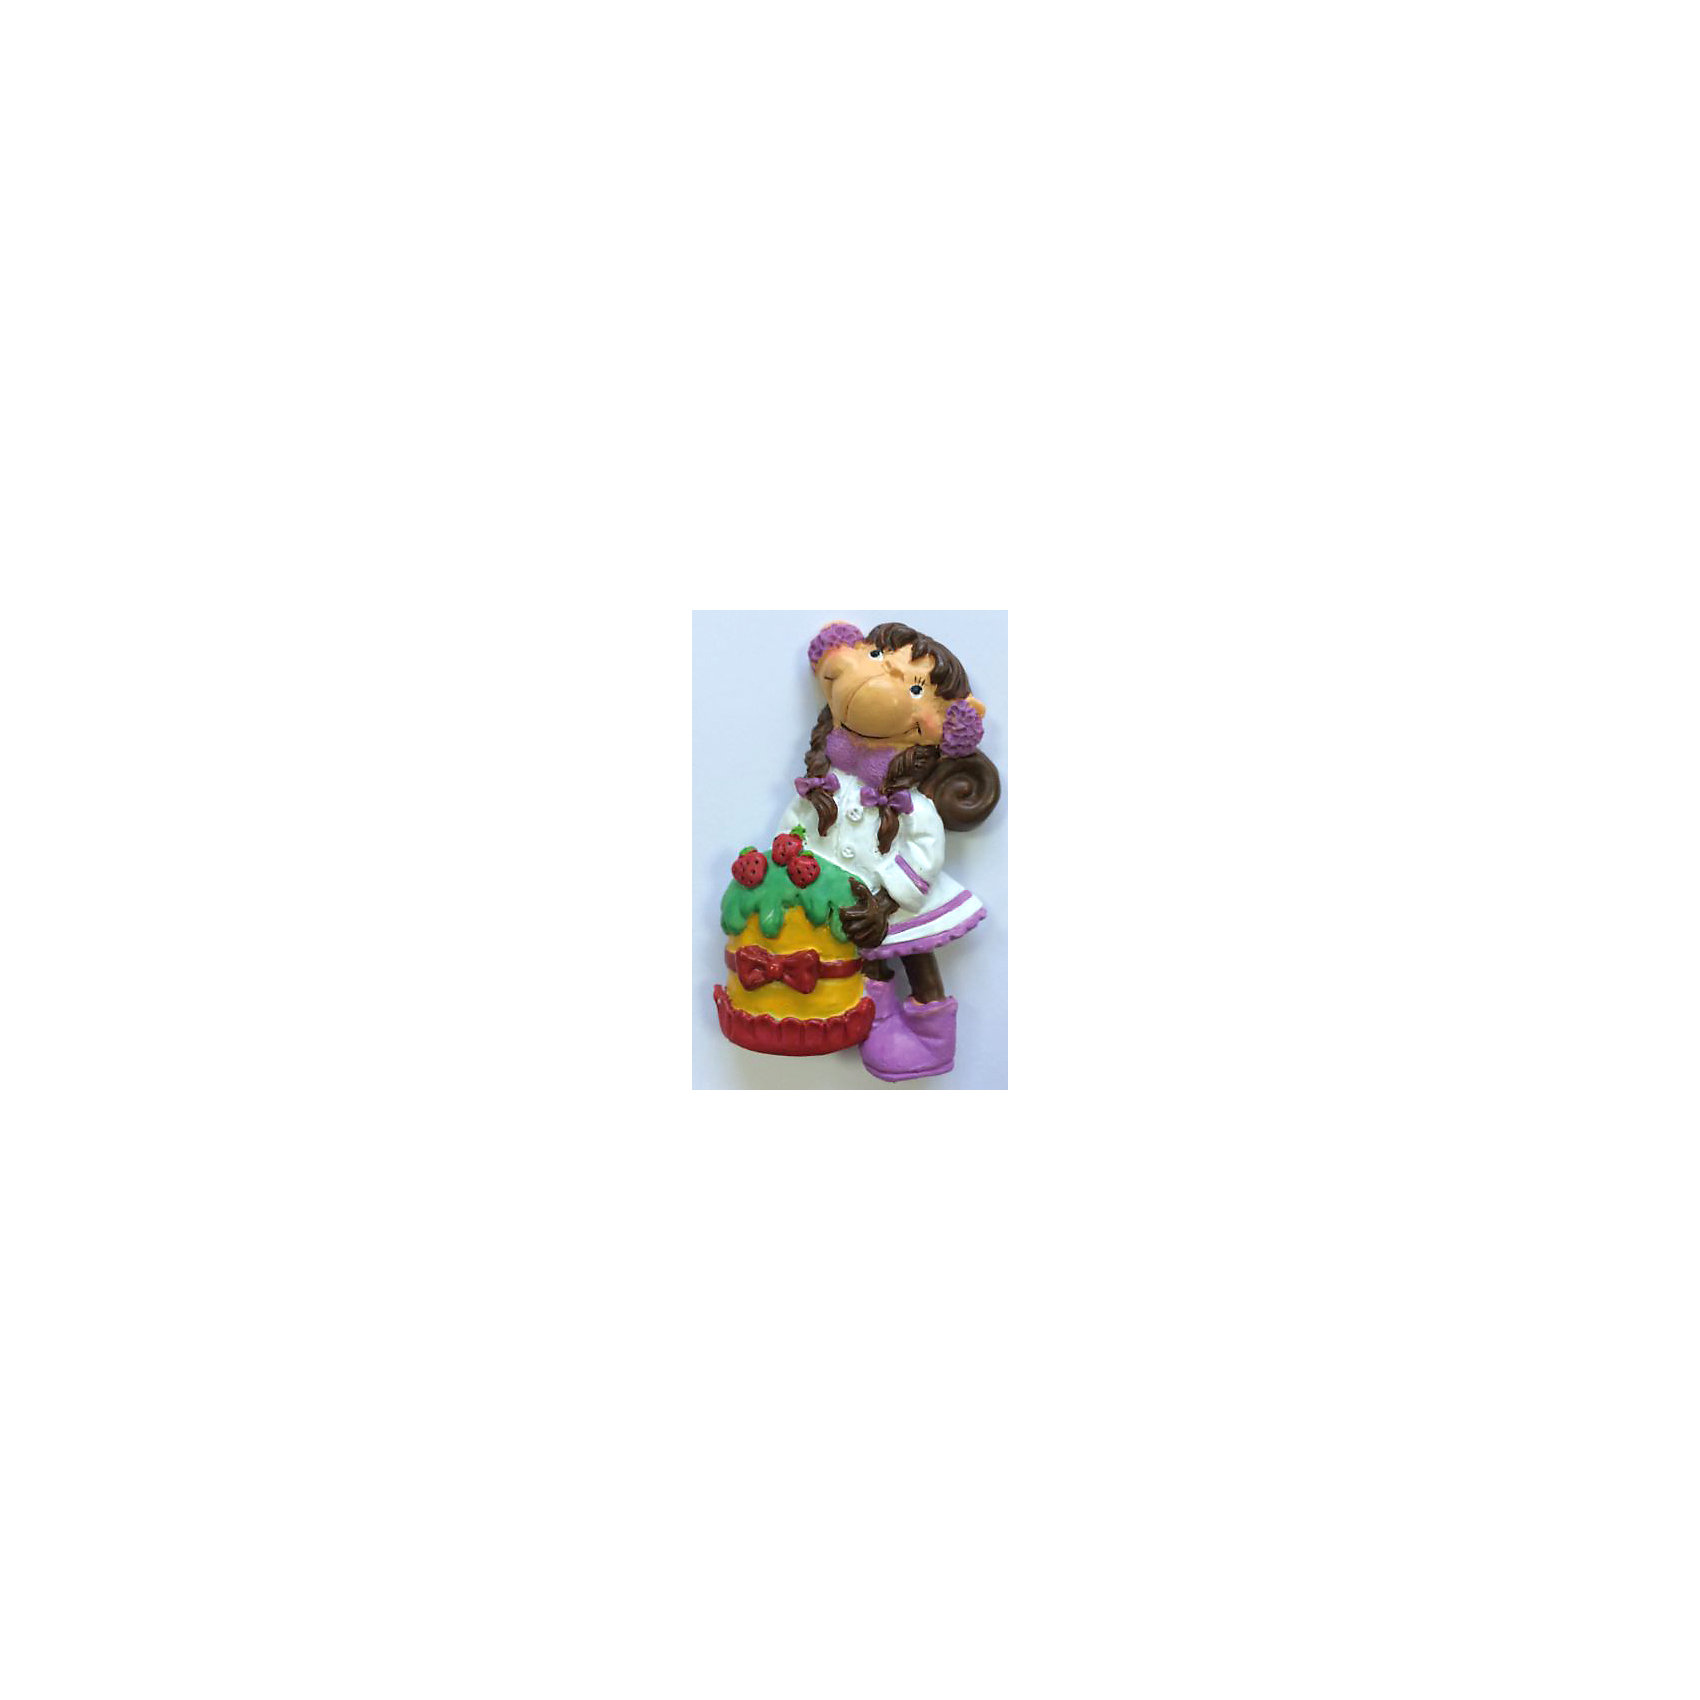 Декоративная обезьяна С тортомНовинки Новый Год<br>Декоративная обезьянка С тортом, Феникс-Презент, прекрасно дополнит Ваш новогодний интерьер и станет приятным сувениром для родных и друзей. Очаровательная обезьянка в нарядном белом платье держит в лапках праздничный торт, сзади у фигурки имеется магнитное крепление. Обезьяна является символом Нового 2016 года, забавная фигурка принесет Вам радость и удачу и поднимет настроение.  <br><br>Дополнительная информация:<br><br>- Материал: полирезина. <br>- Размер фигурки: 4 х 7 х 1,5 см.<br><br>Декоративную обезьянку С тортом, Феникс-Презент, можно купить в нашем интернет-магазине.<br><br>Ширина мм: 50<br>Глубина мм: 80<br>Высота мм: 25<br>Вес г: 100<br>Возраст от месяцев: 36<br>Возраст до месяцев: 2147483647<br>Пол: Унисекс<br>Возраст: Детский<br>SKU: 4276532